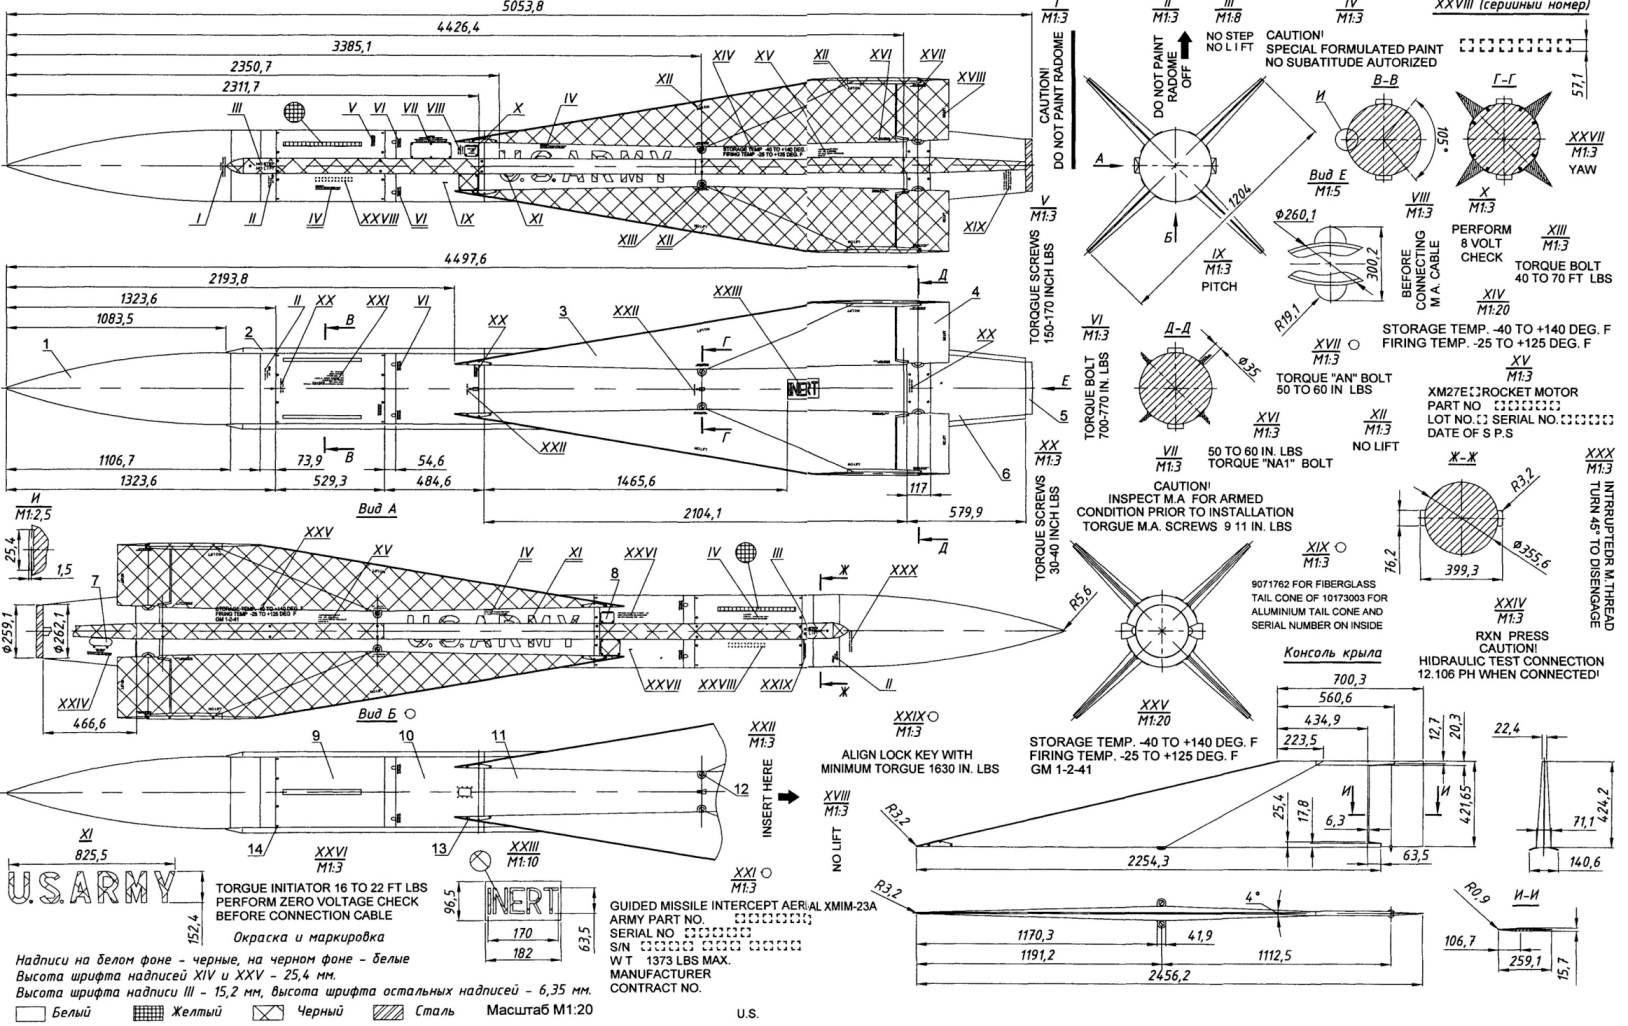 Зенитная управляемая ракета MIM-23A: